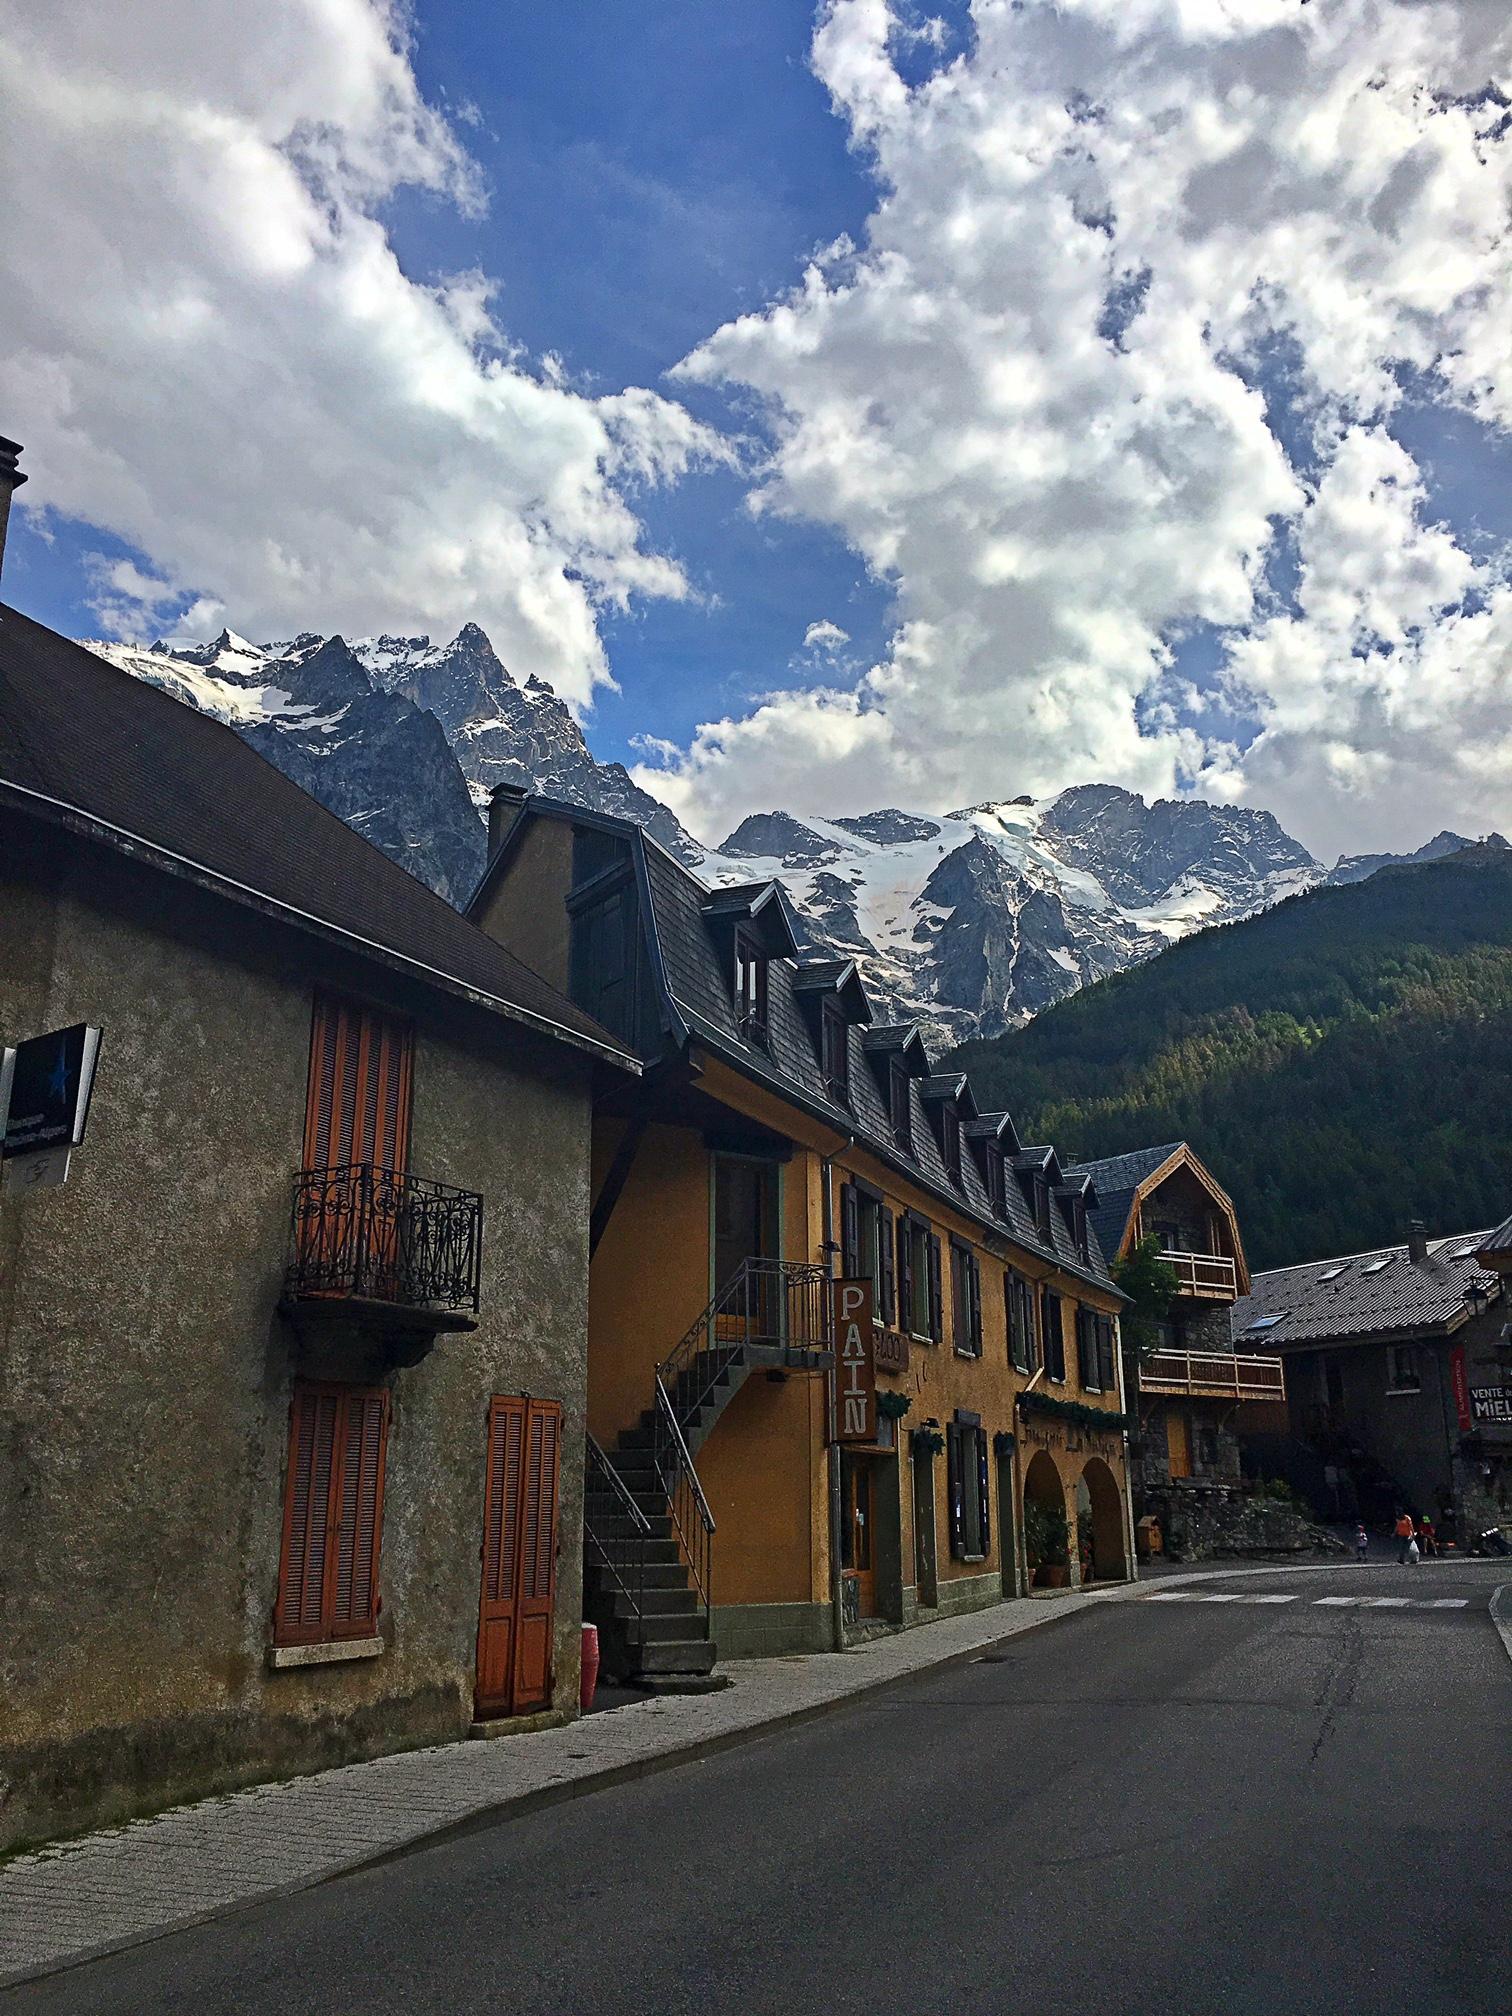 Town of La Grave